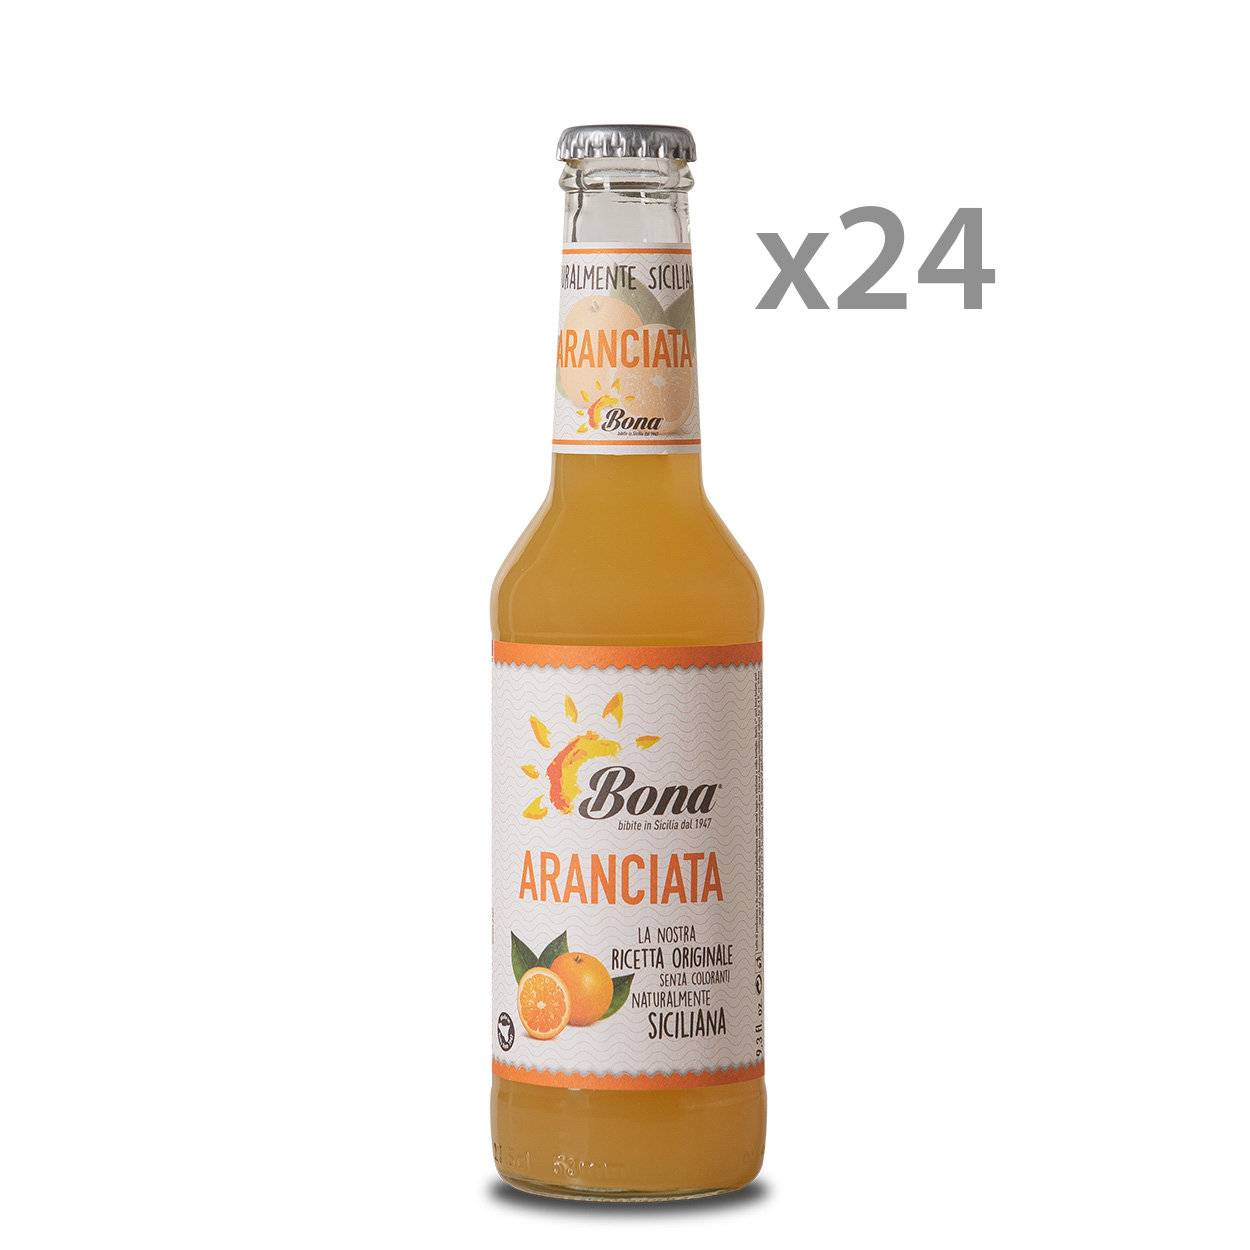 Bona 24 bottiglie - aranciata 275 ml